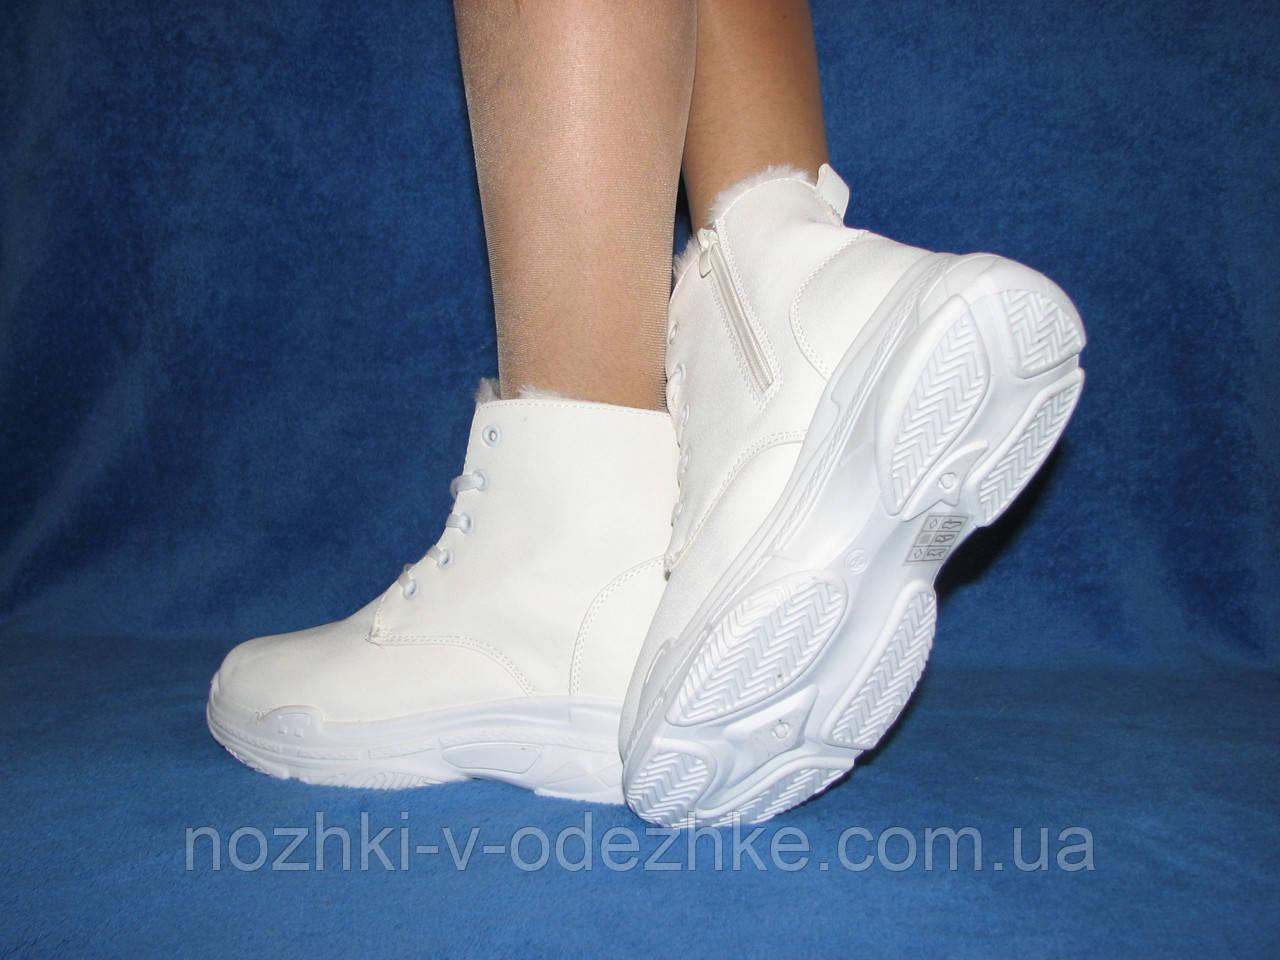 подростковые зимние спортивные ботинки кросы на подошве под